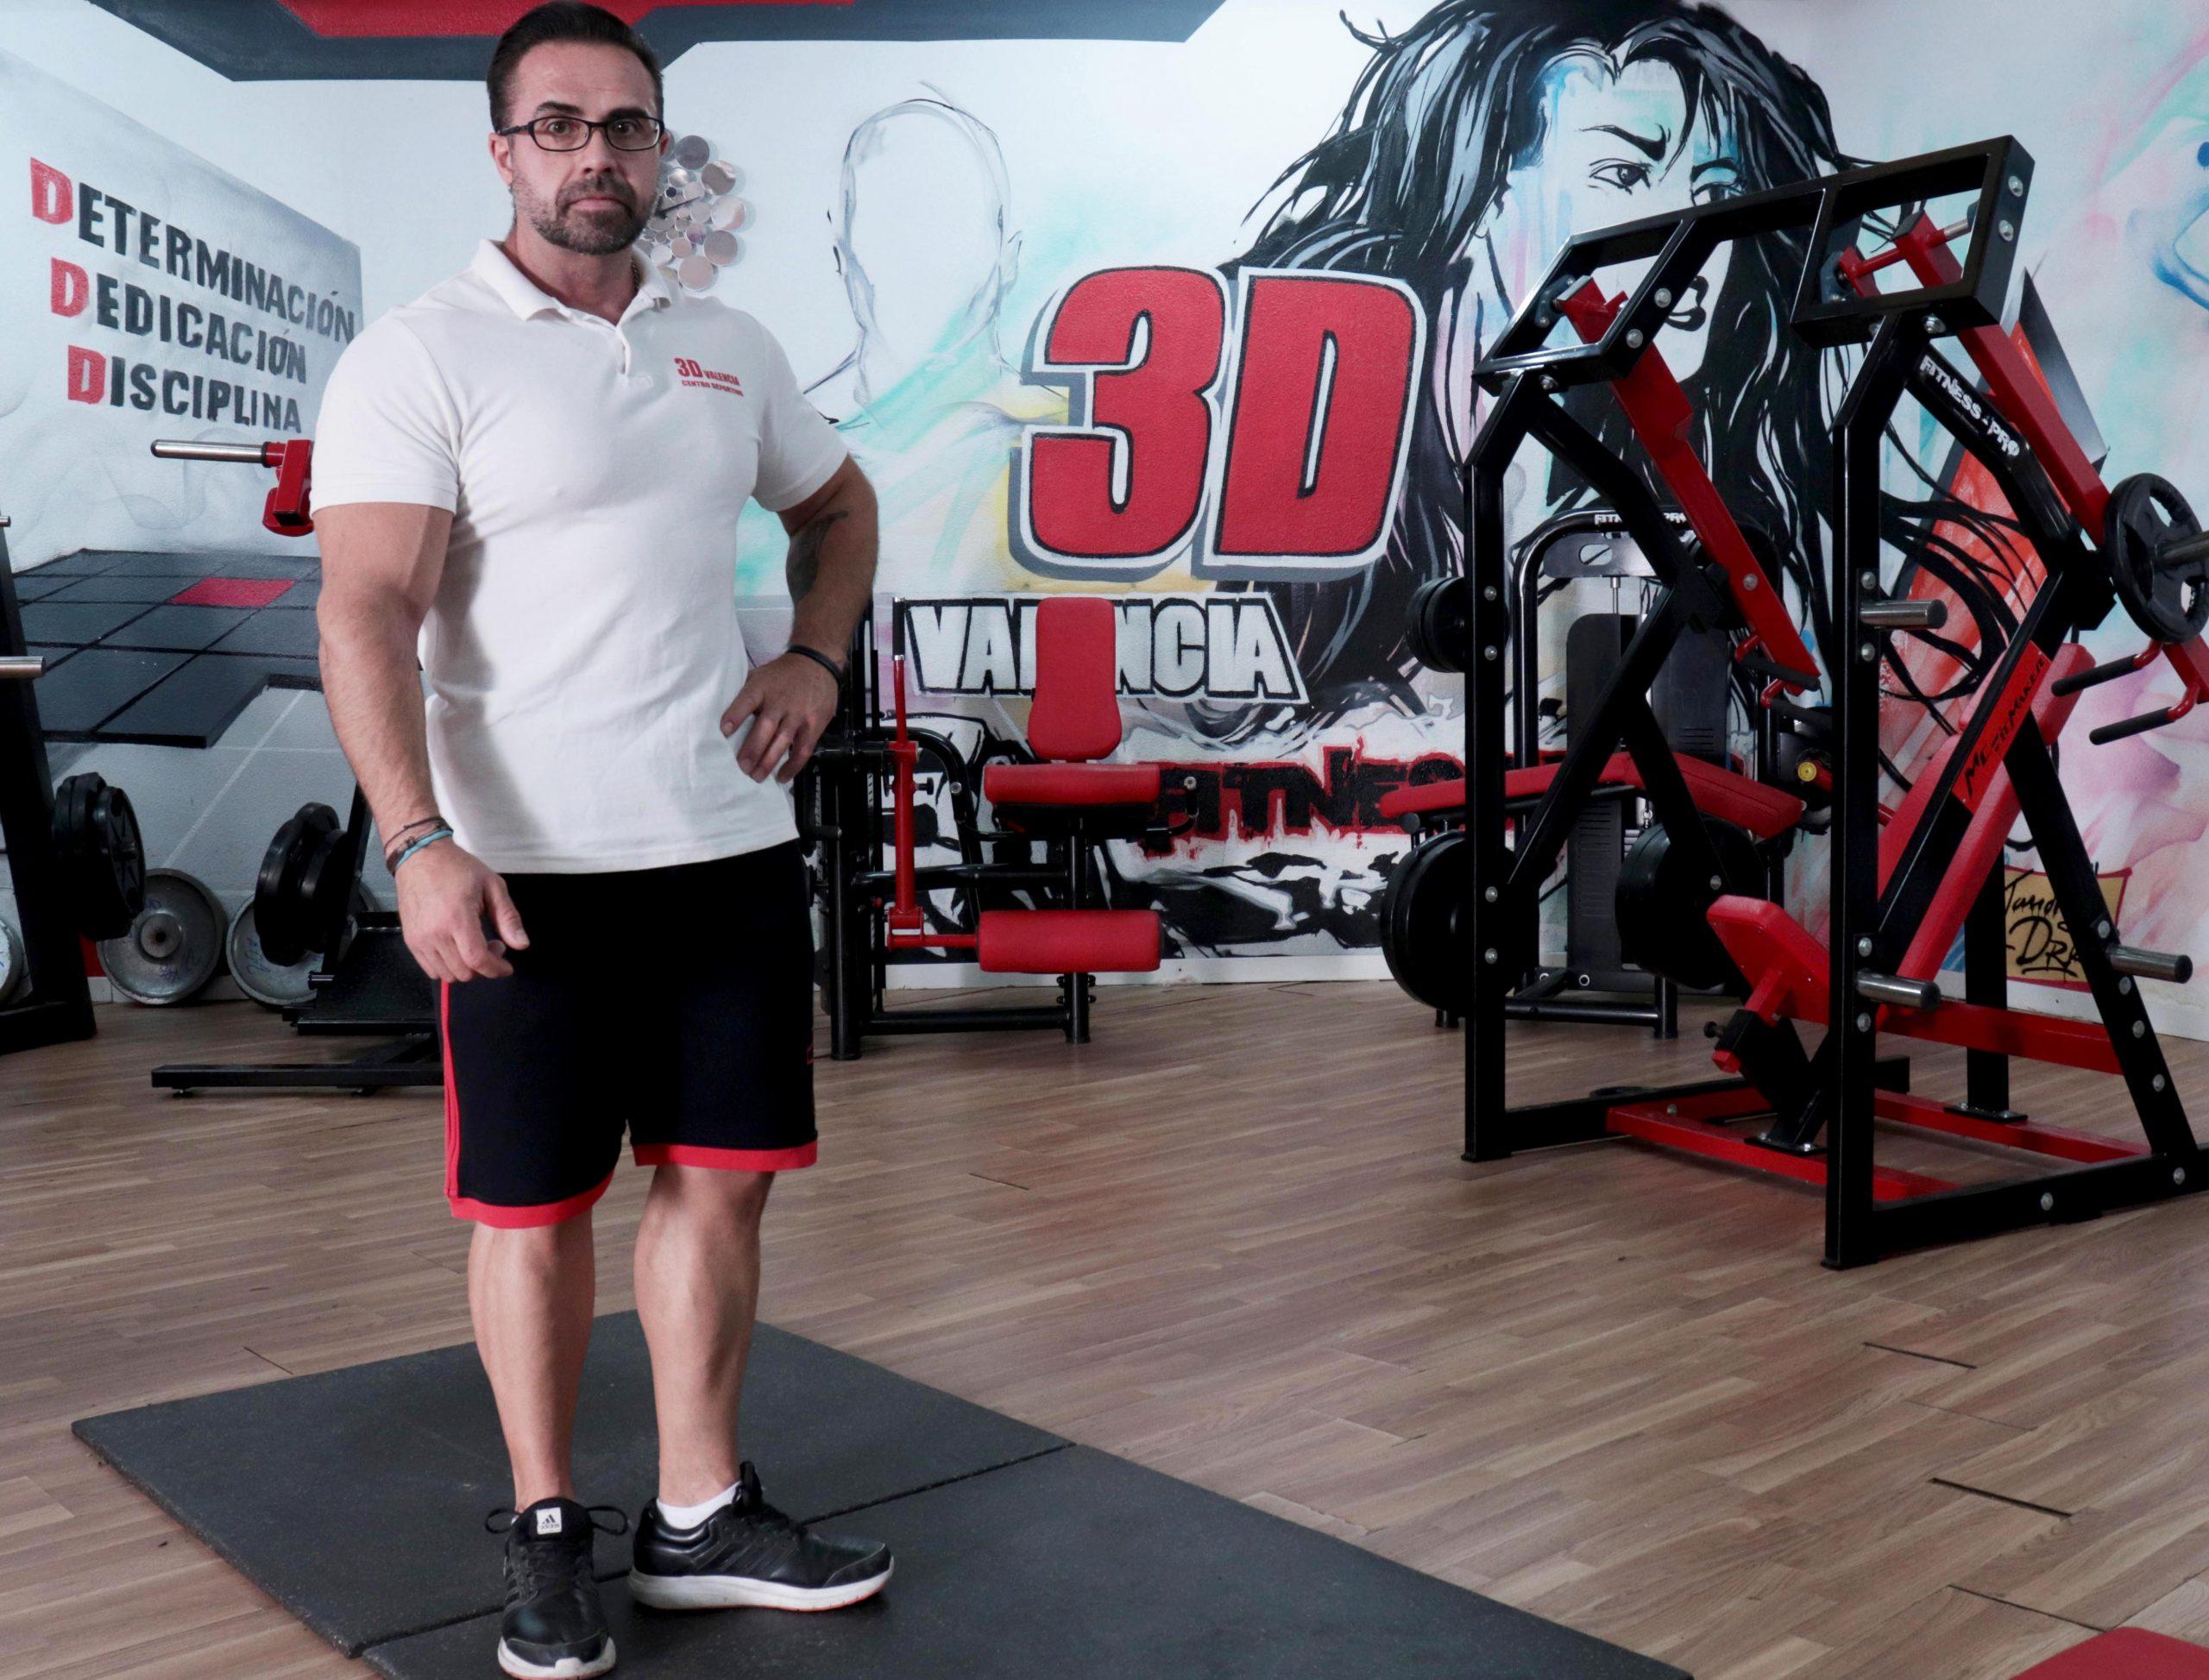 Instalaciones deportivas gimnasio 3dvalencia